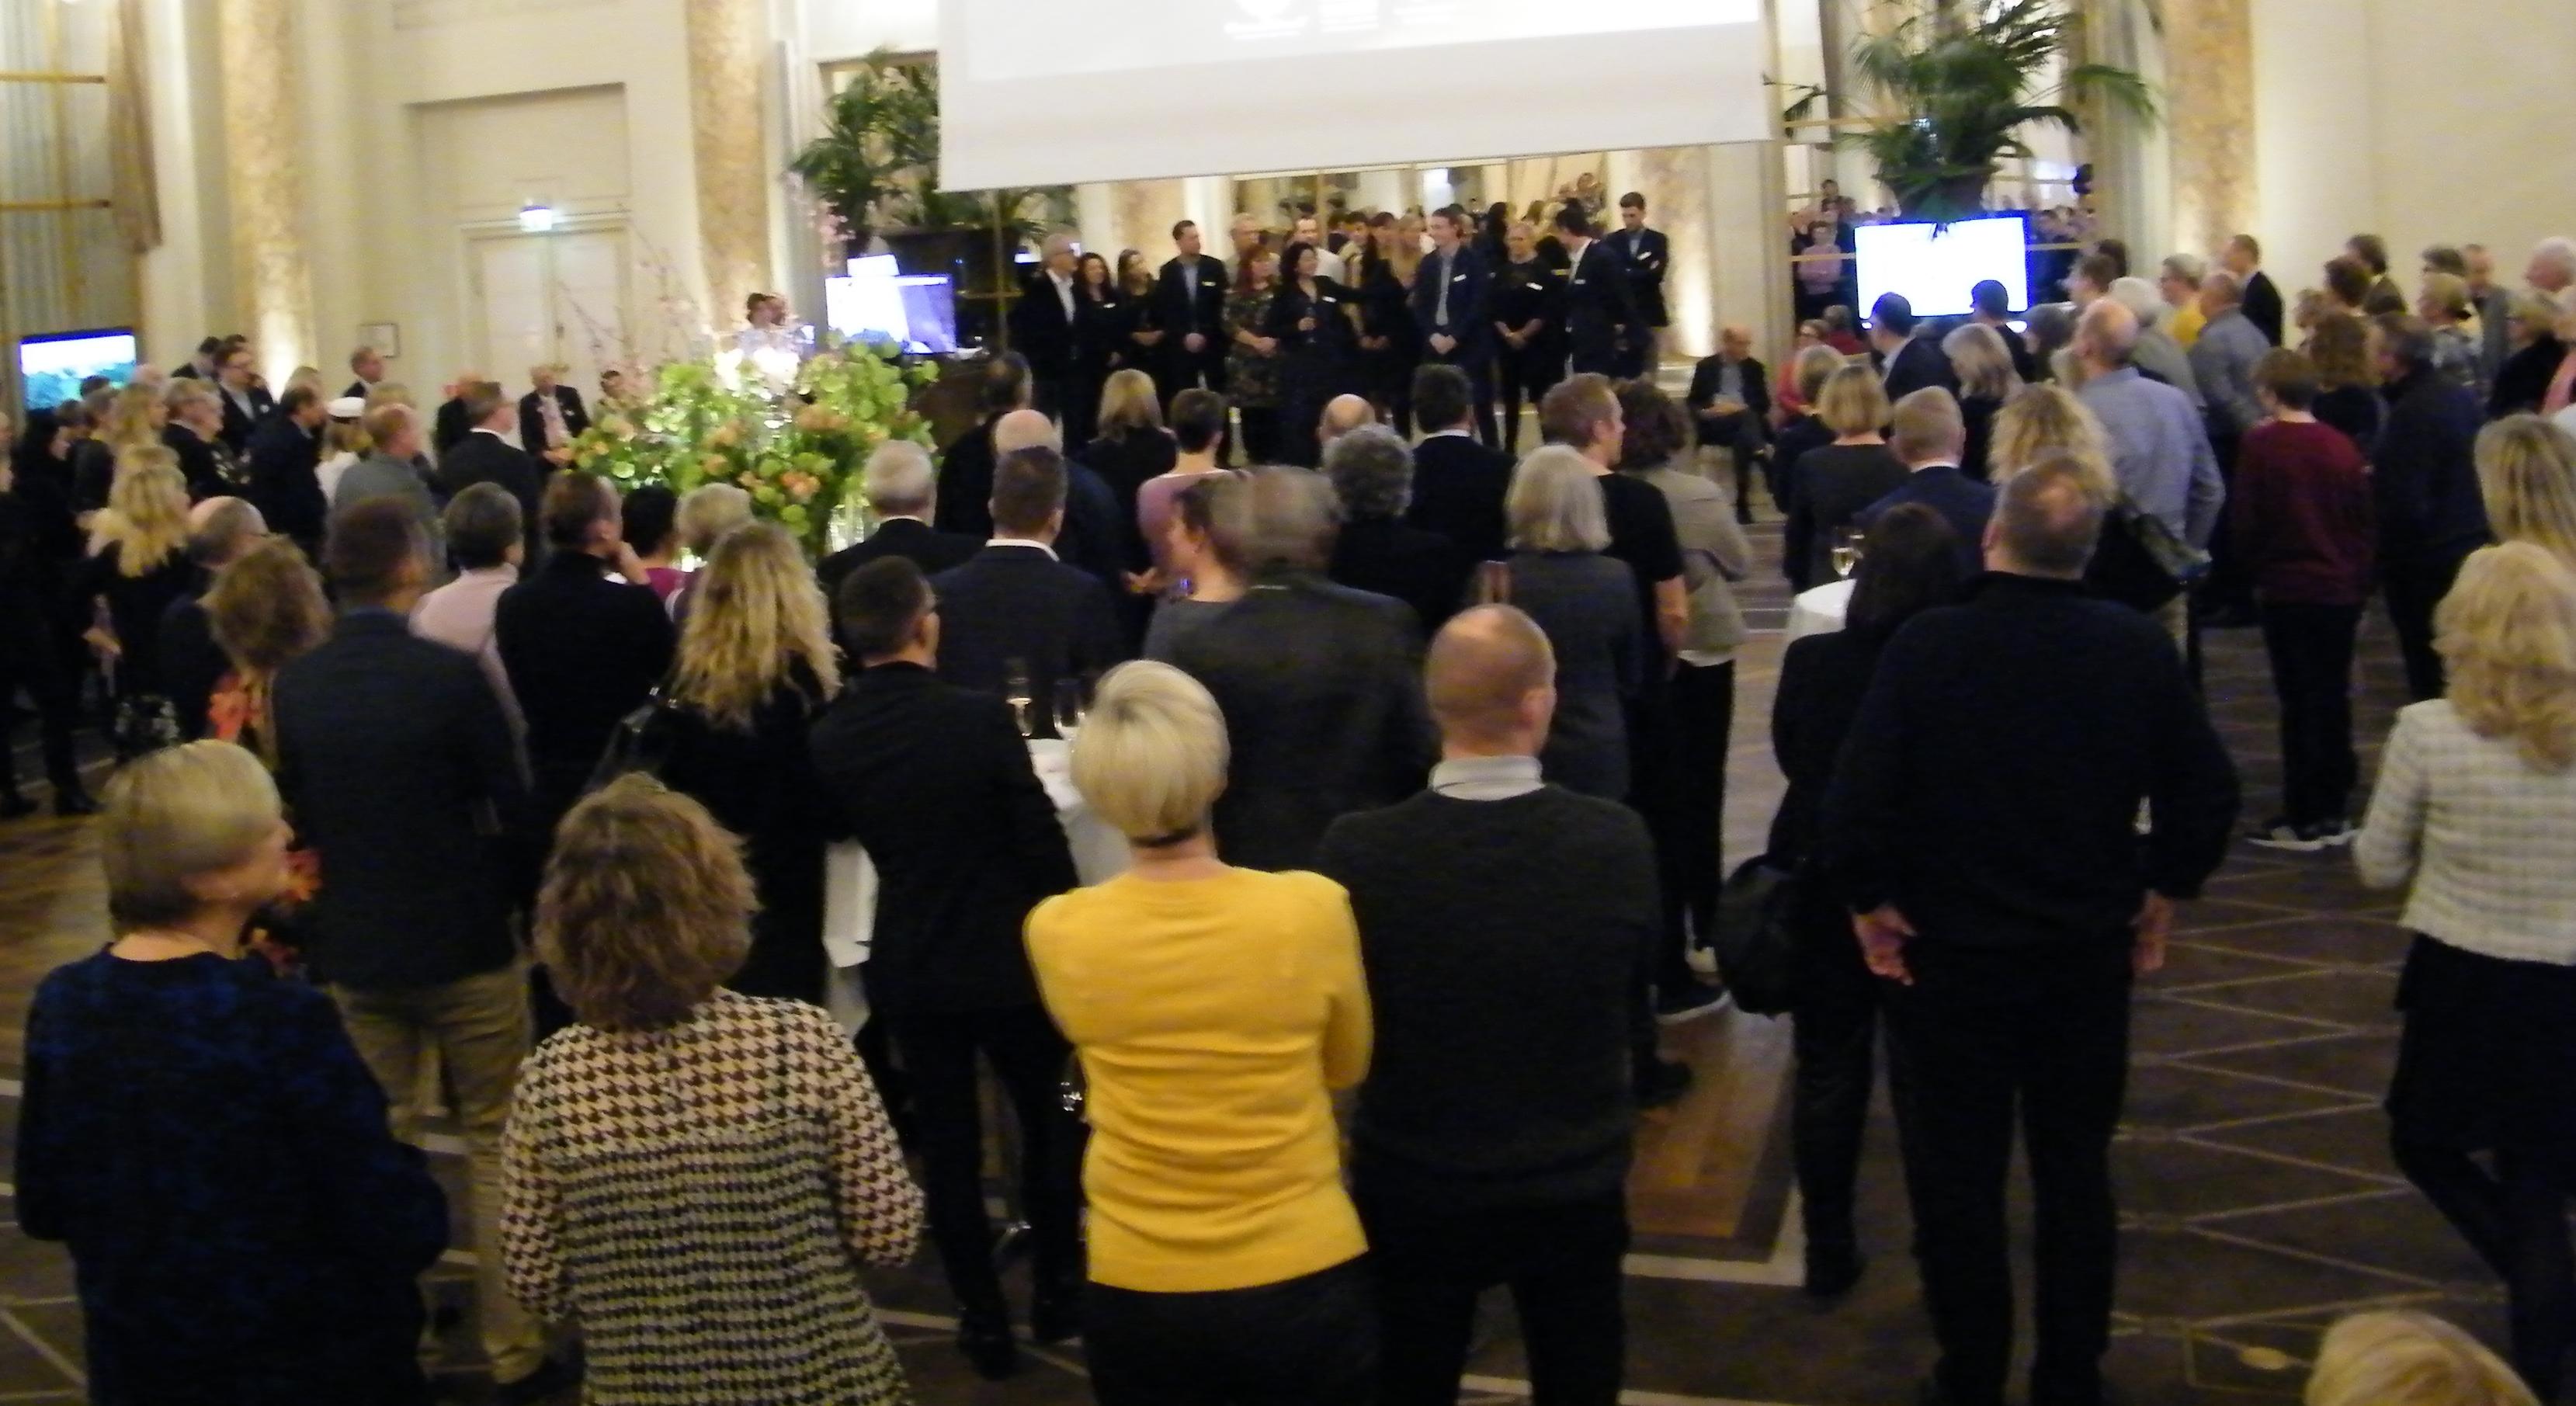 Et kig ud i Palmehaven på Hotel d'Angleterre, hvor de indbudte kunder præsenteres for medarbejderne hos Discovery Travel og Peacock Rejser i baggrunden på scenen. Foto: Henrik Baumgarten.